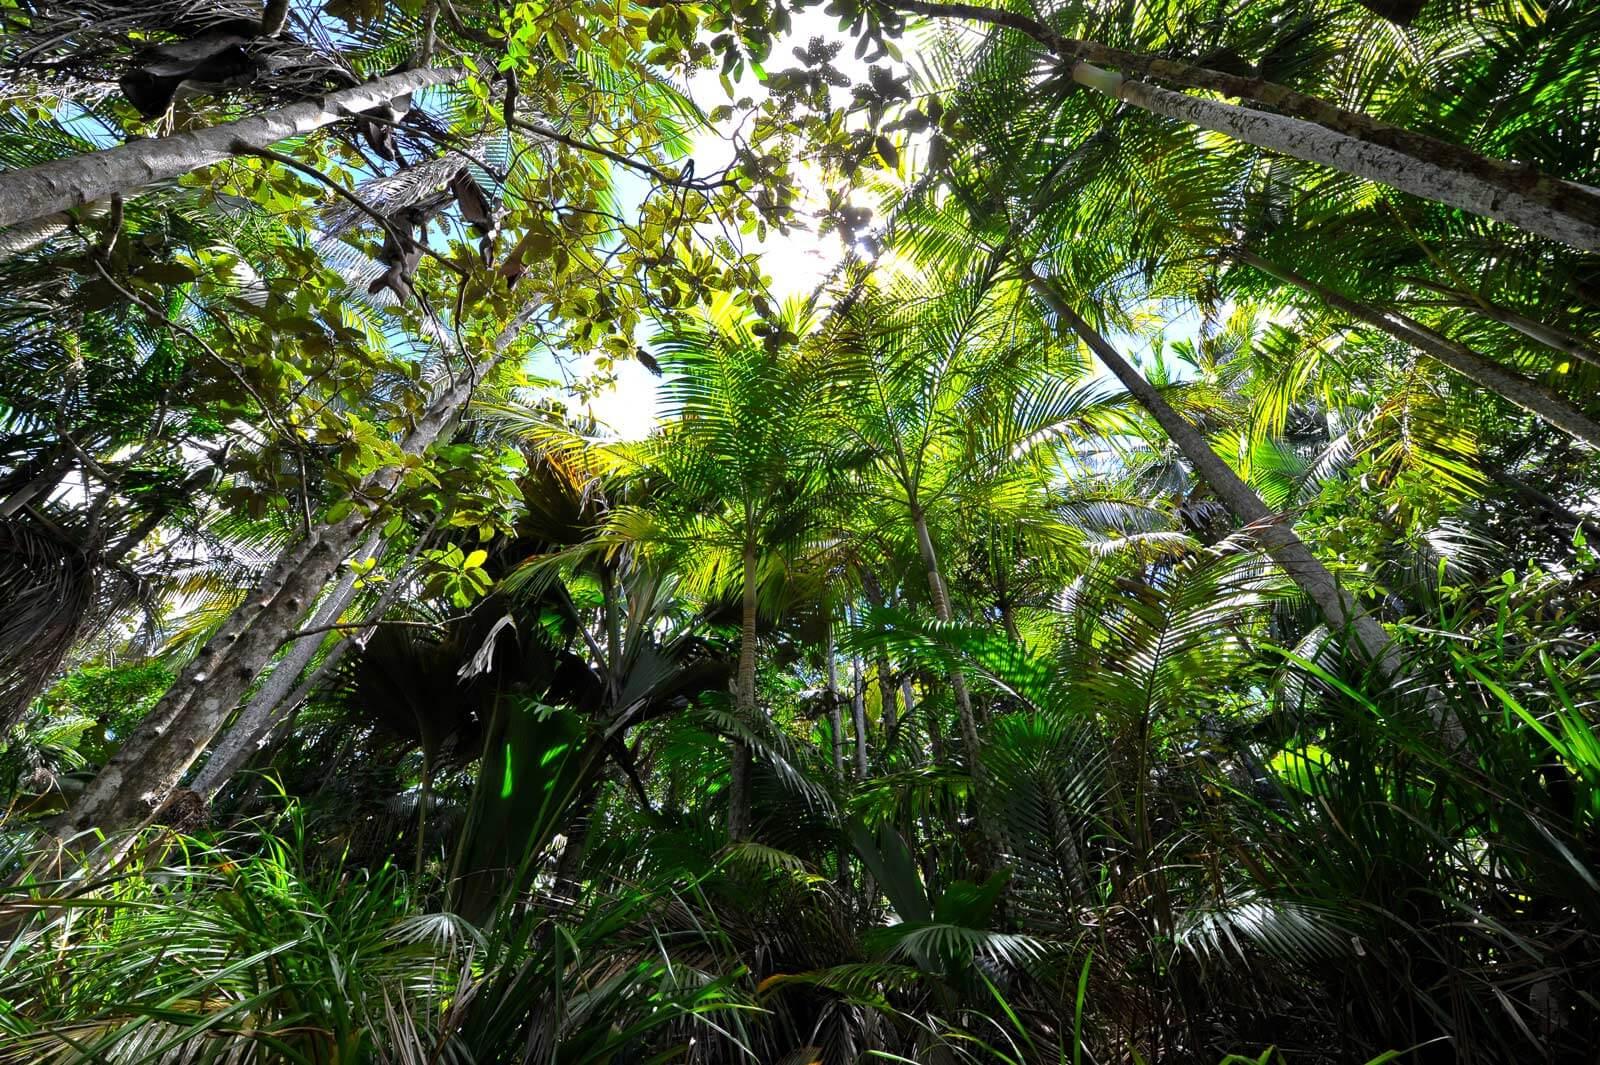 Dschungelfeeling im Vallee de Mai